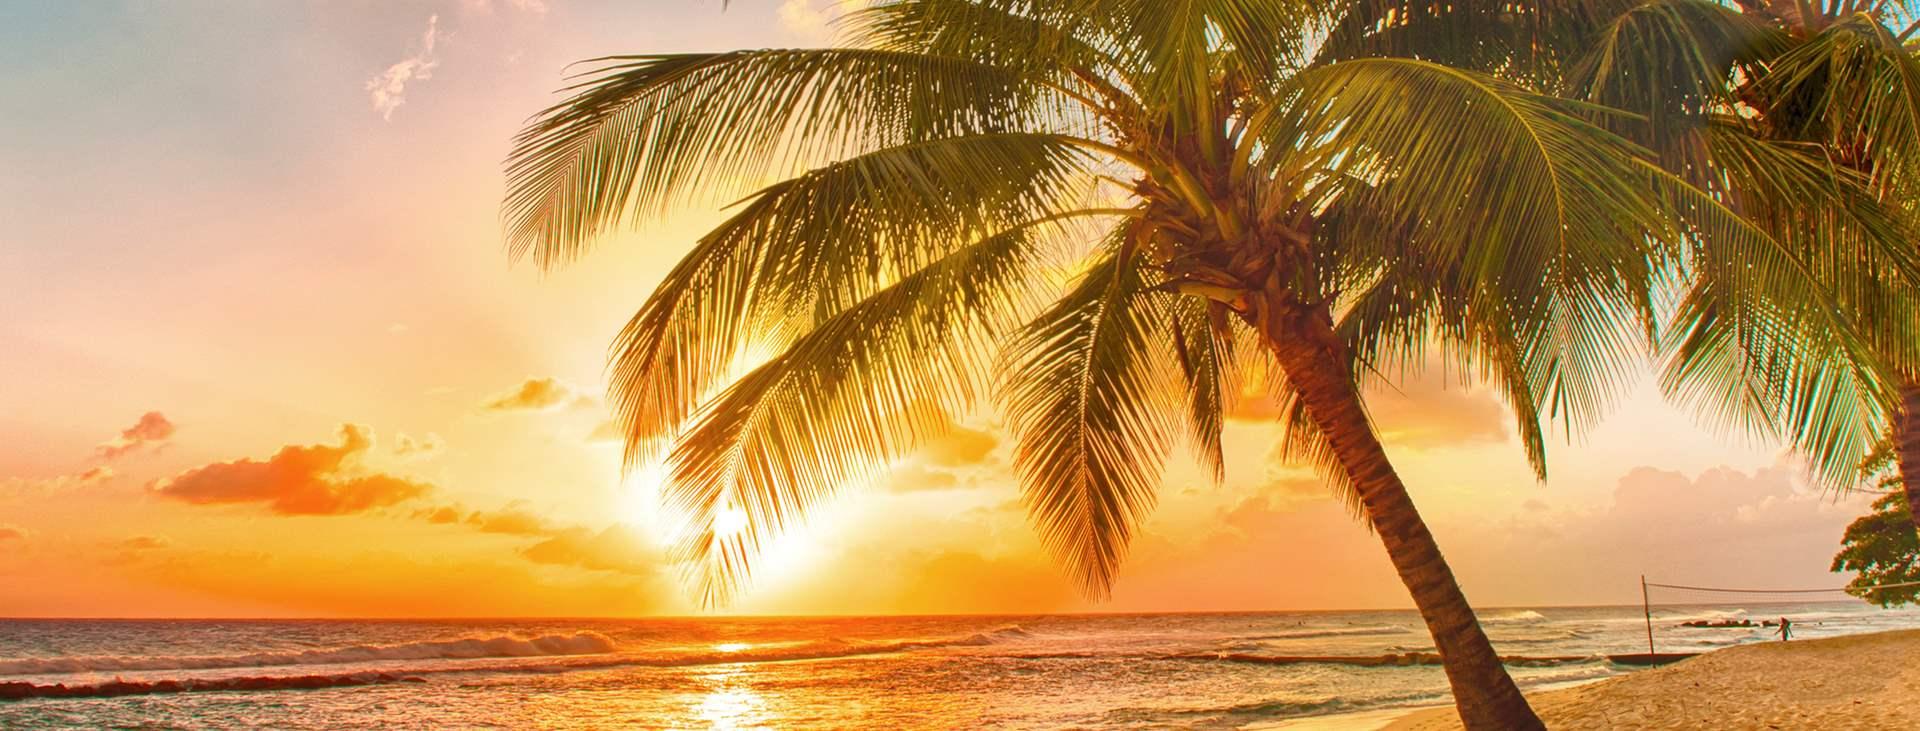 Drömmen om Karibien – Boka en resa till Barbados